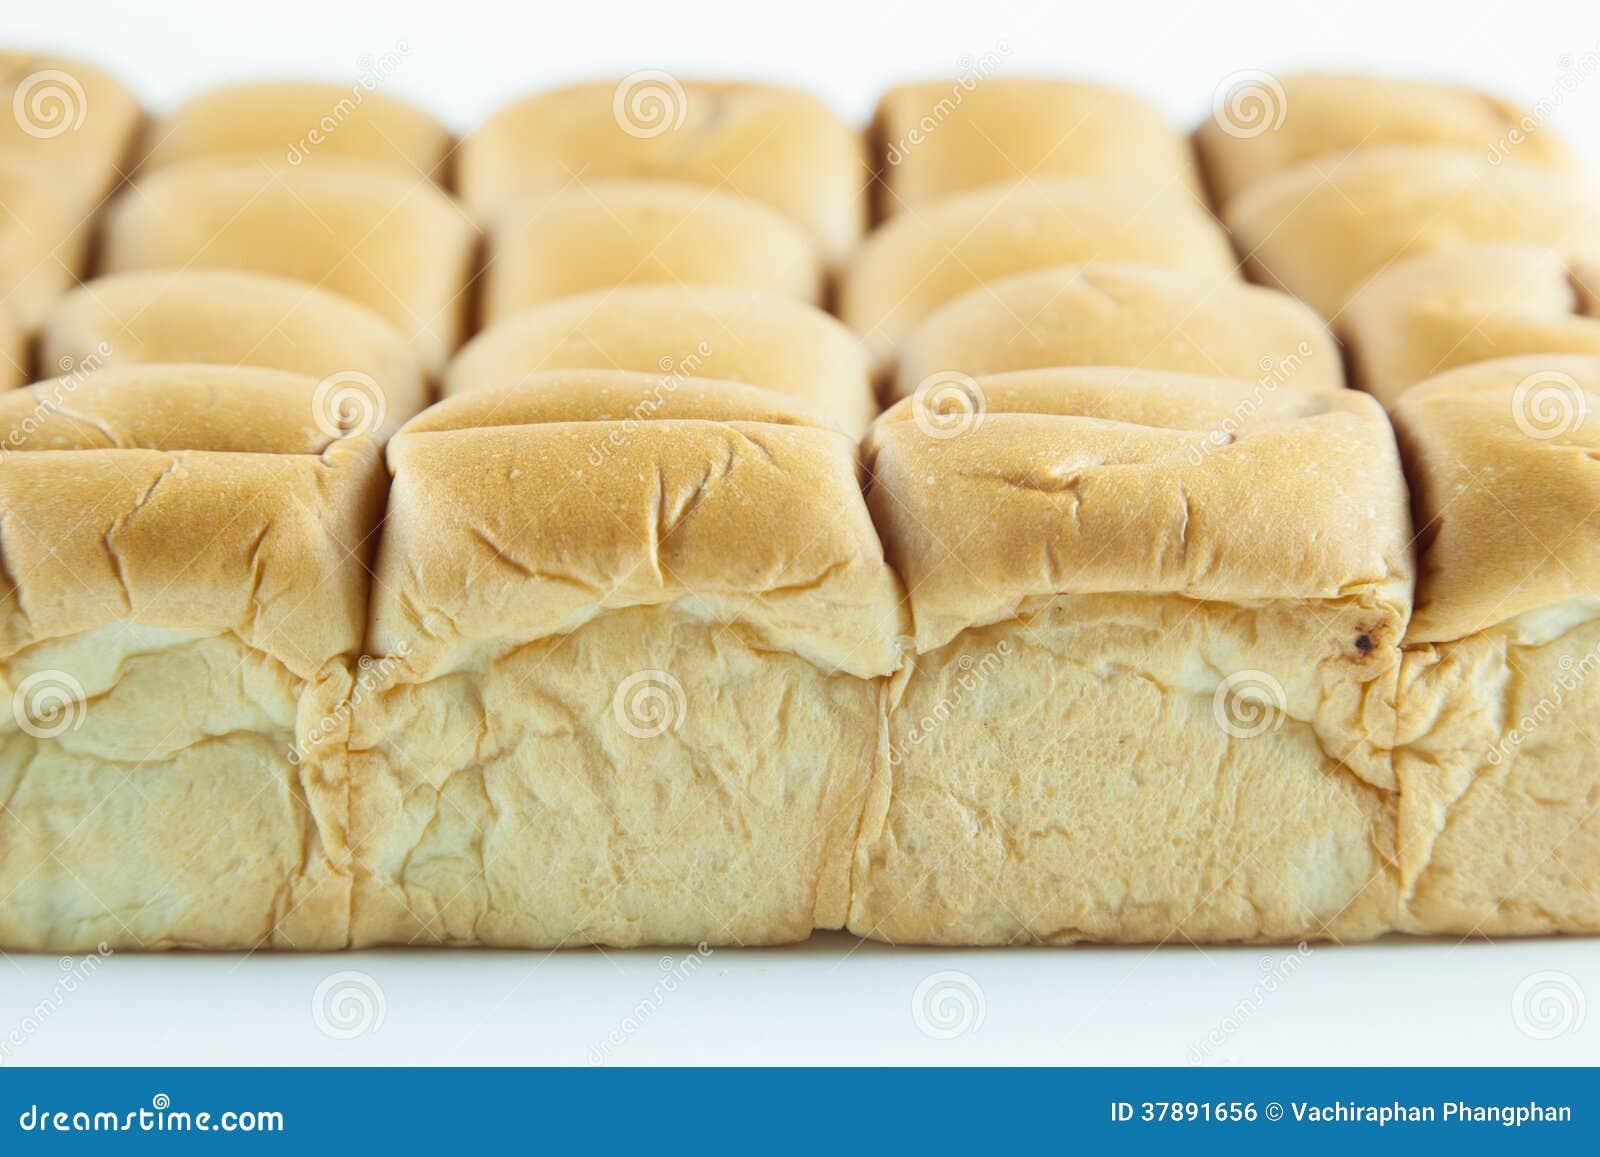 Brood op een witte achtergrond